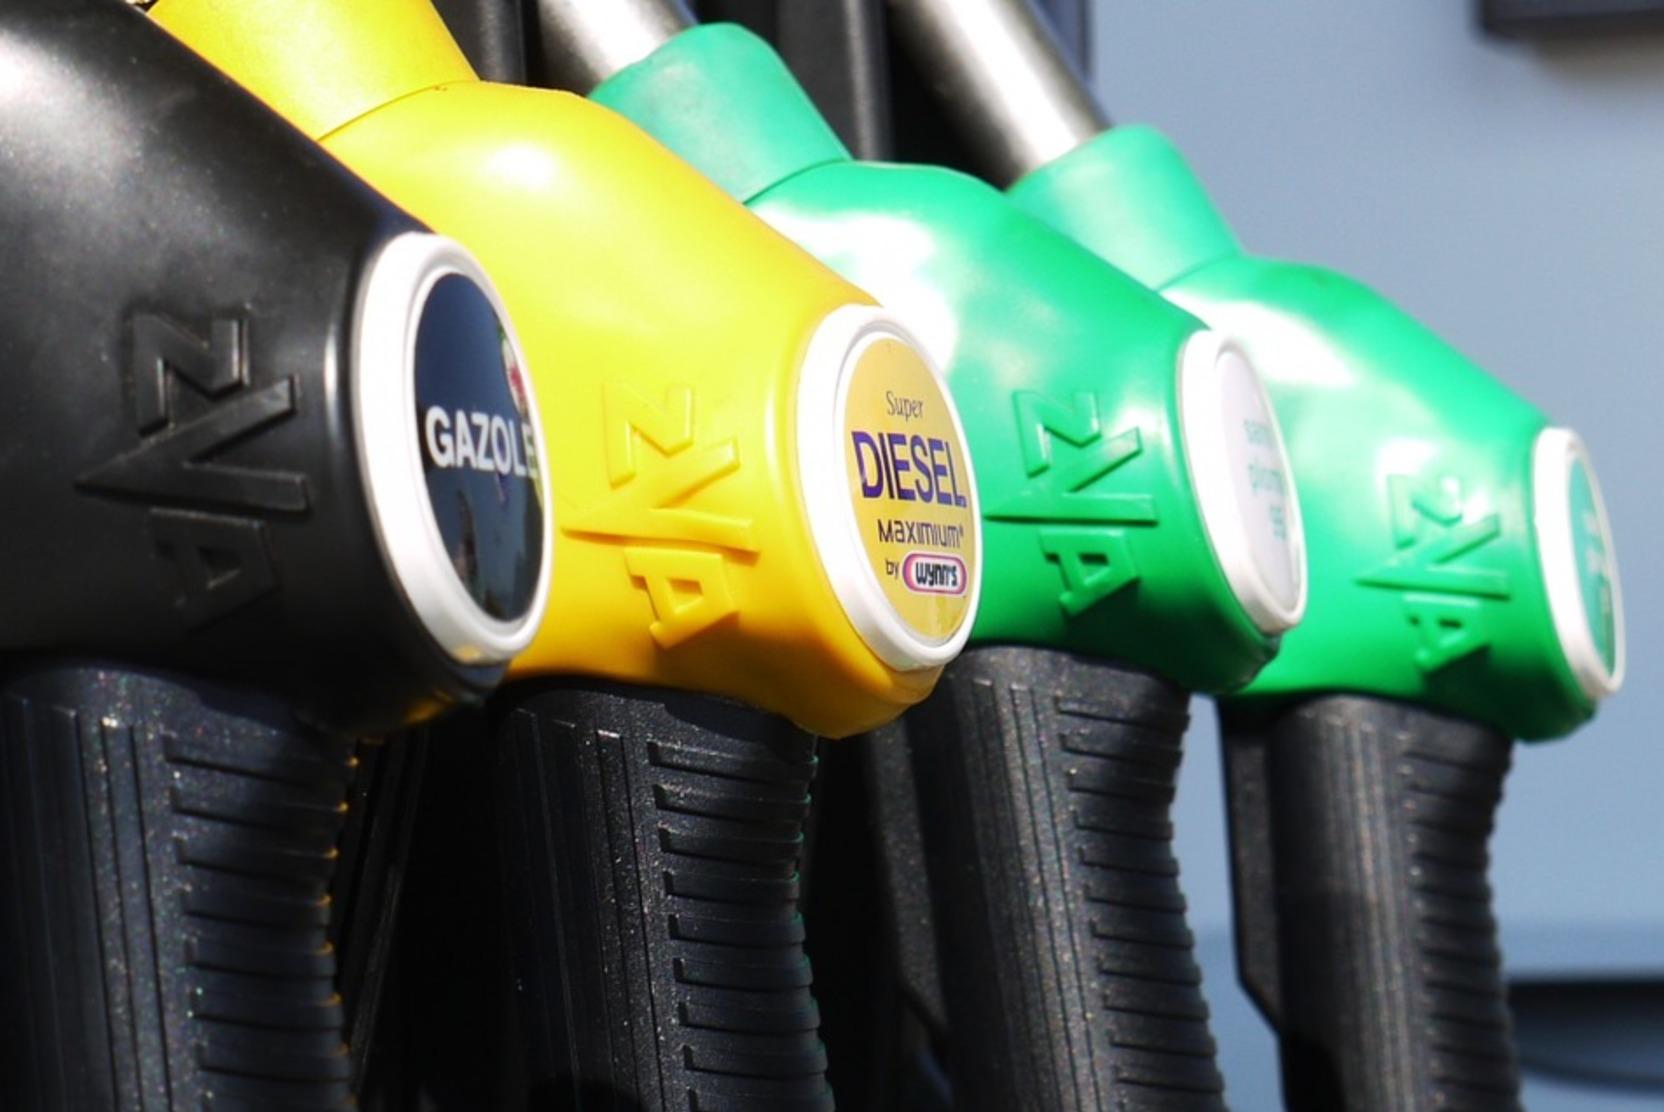 Бензин на АЗС с начала года подорожал сильнее, чем за весь 2020 год